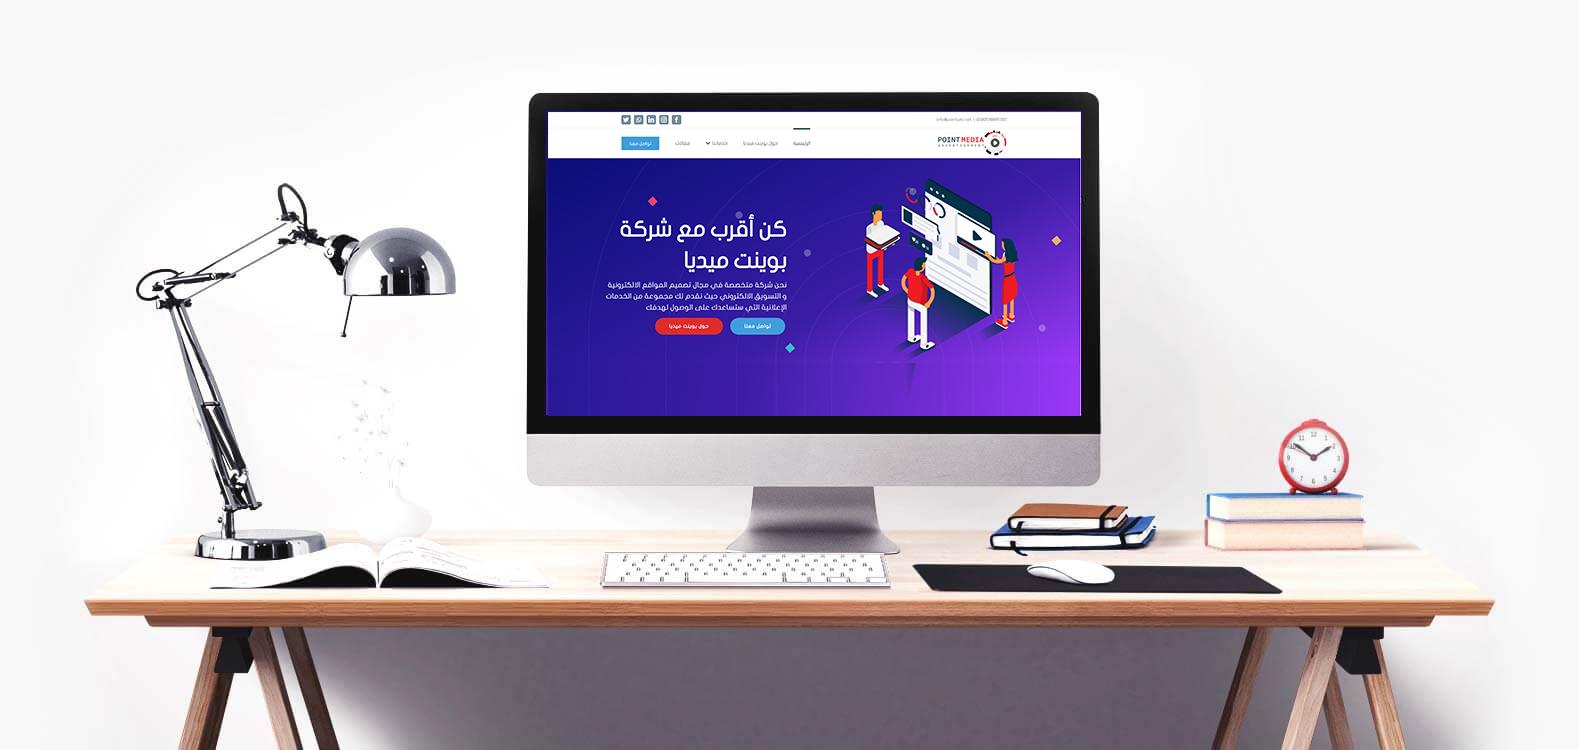 تصميم المواقع الالكترونية , تصميم مواقع في اسطنبول تركيا